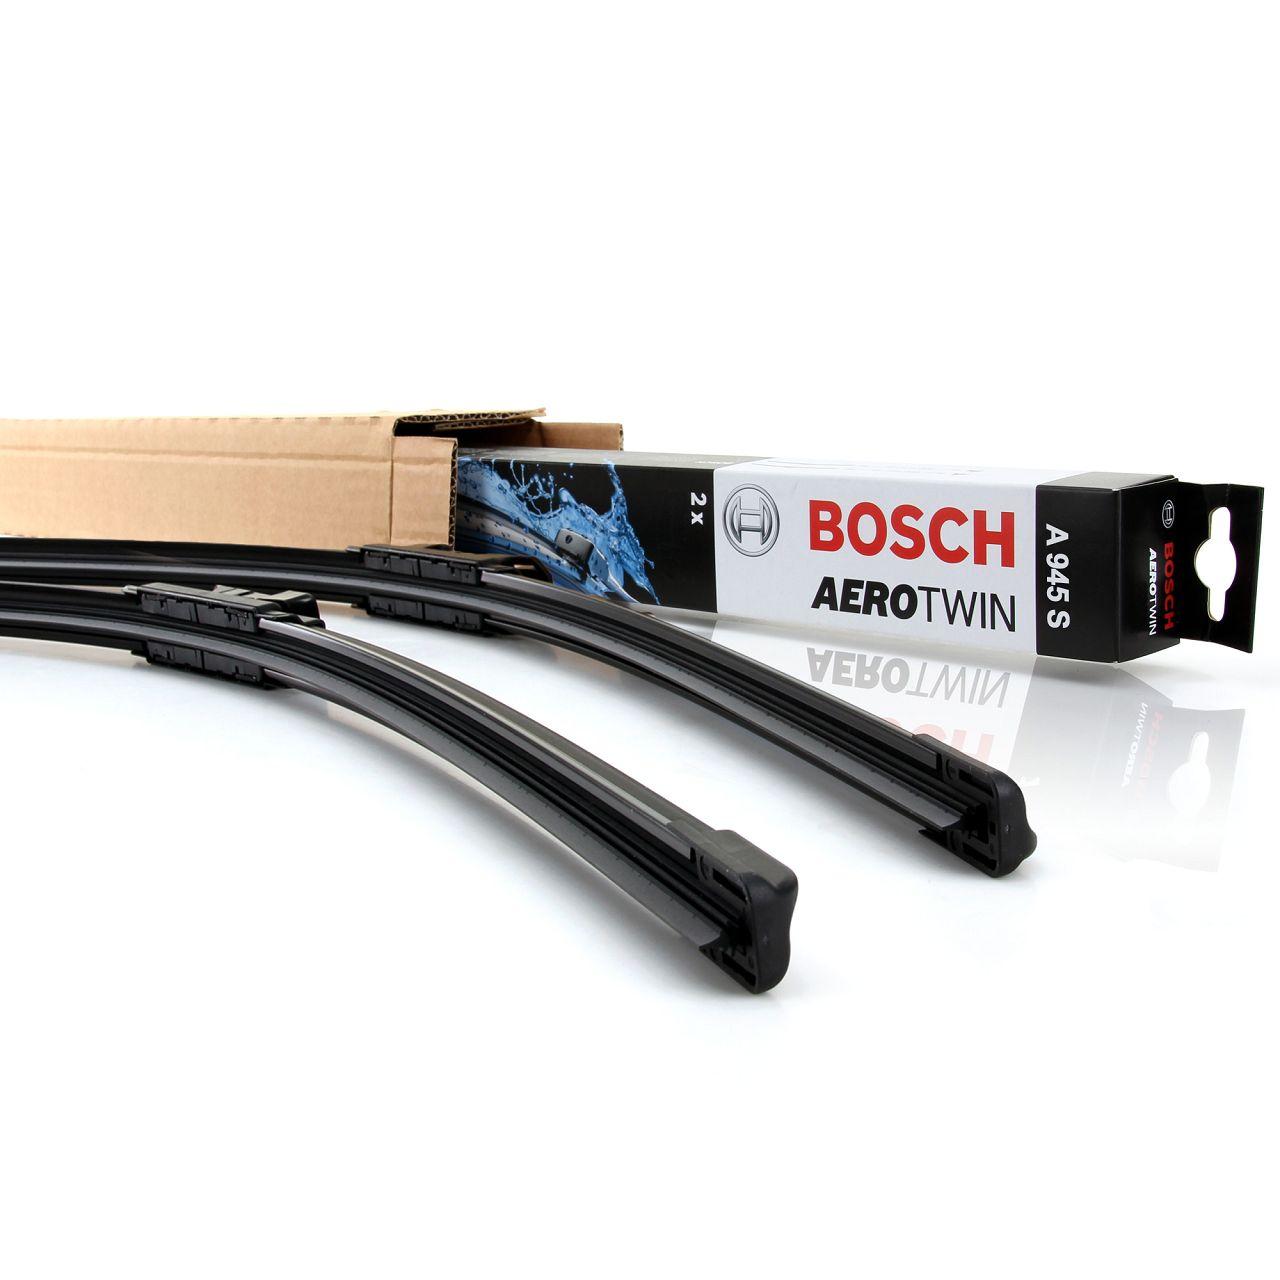 BOSCH AEROTWIN A945S Scheibenwischer Wischerblätter für BMW X1 F48 SEAT LEON 5F